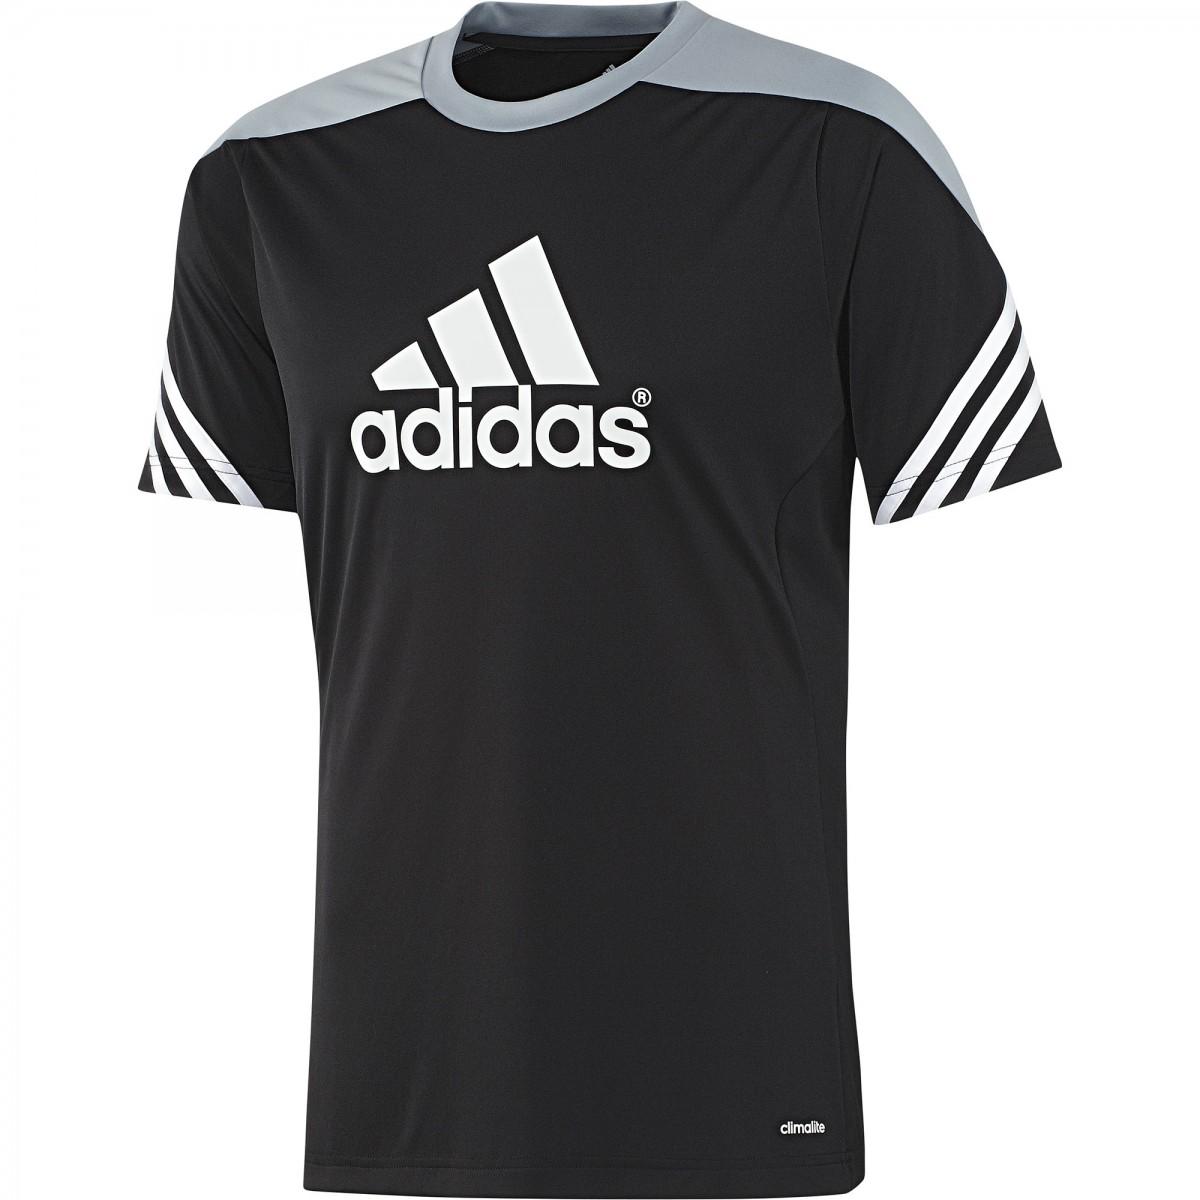 0ca1cd1814 Camiseta Adidas Treino Sere 14 F49700 - Preto - Calçados Online ...